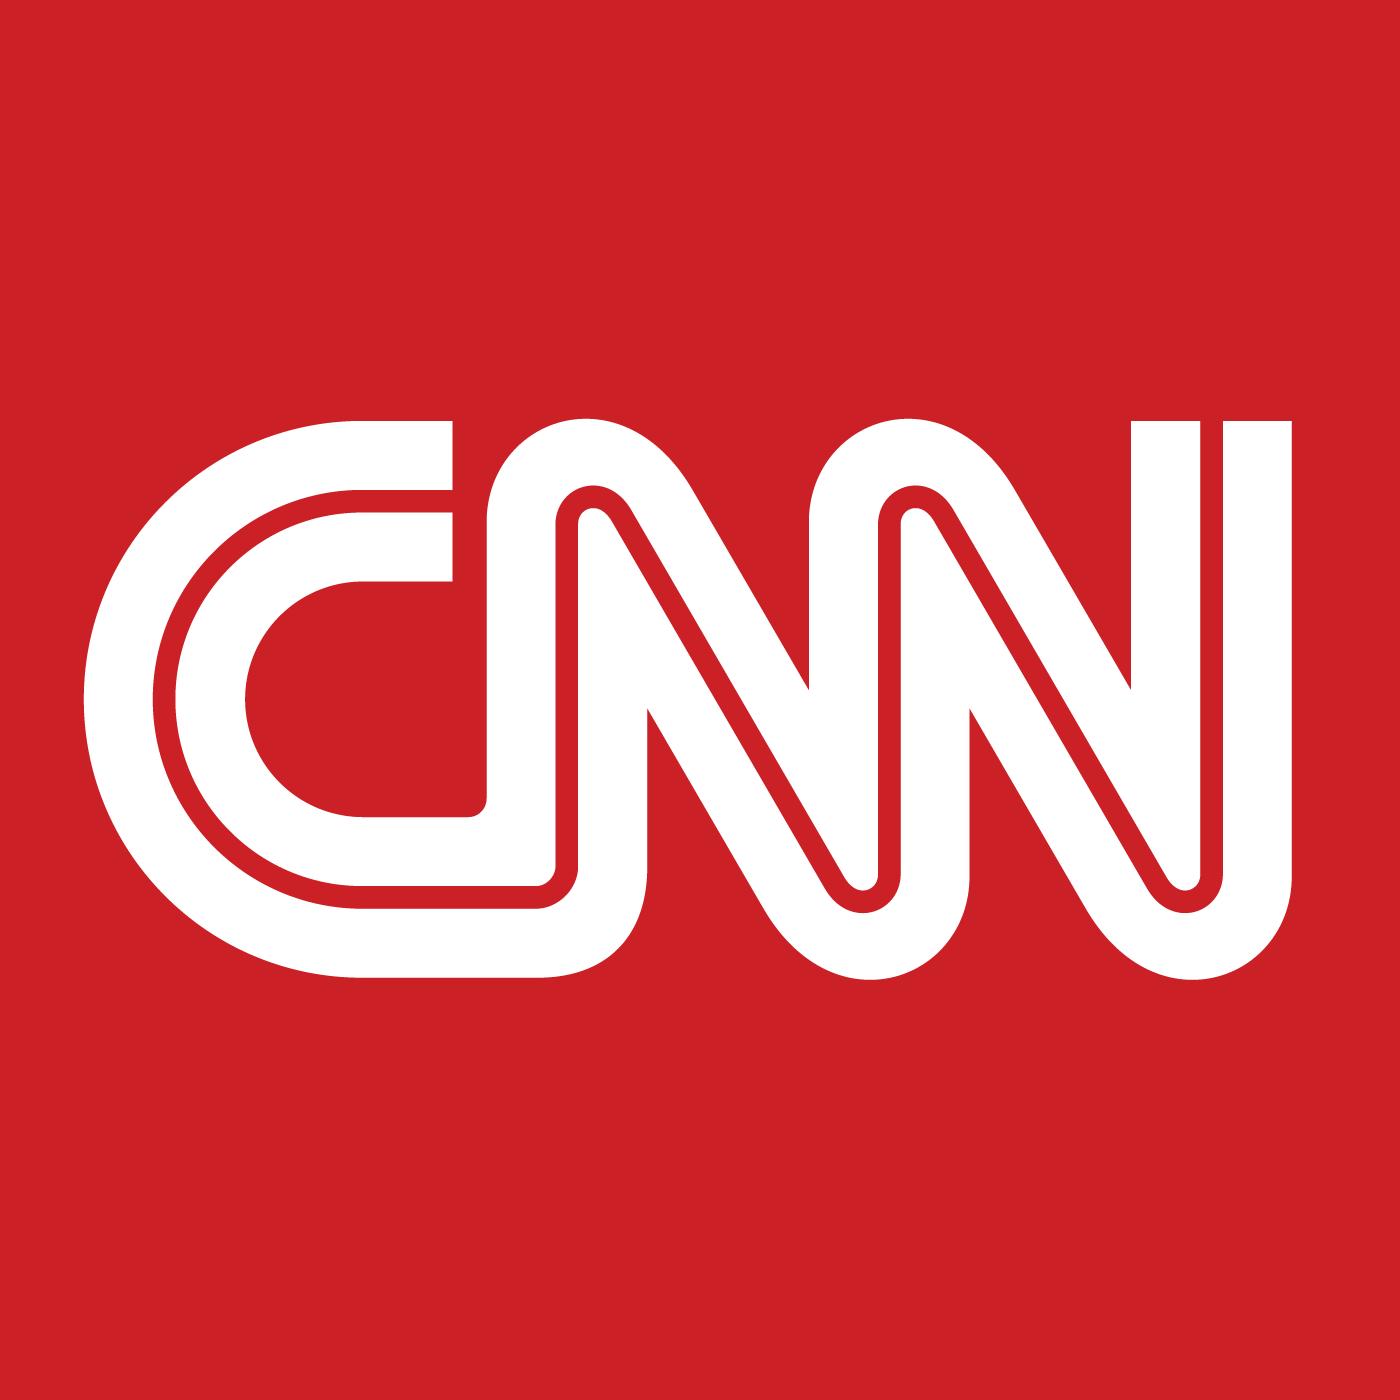 CNN at BUREAU NEWS